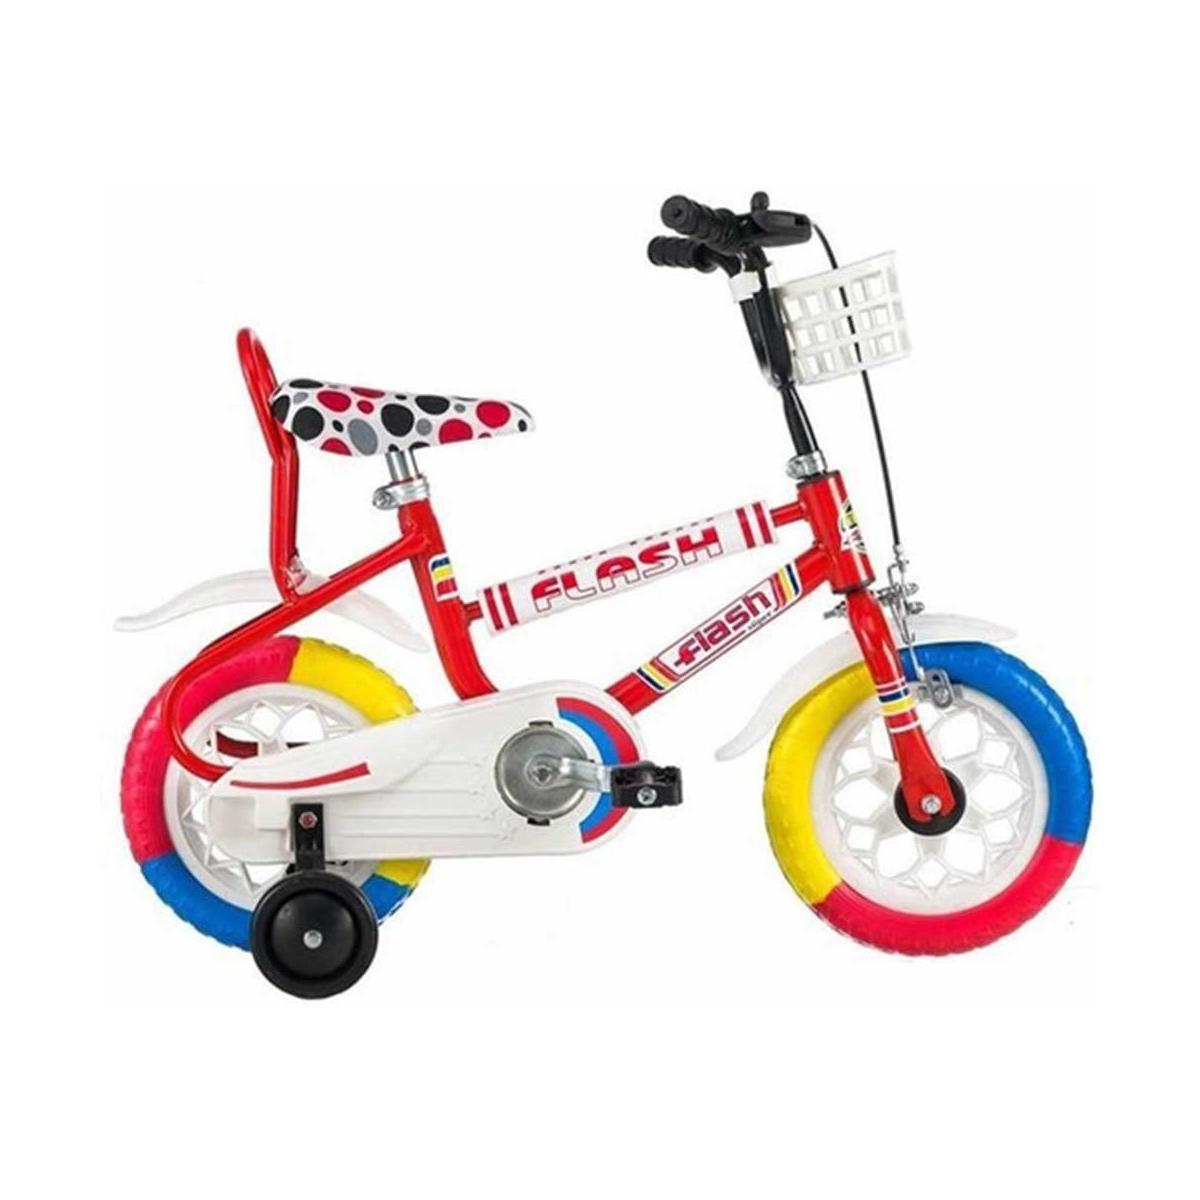 cocuk bisikletleri